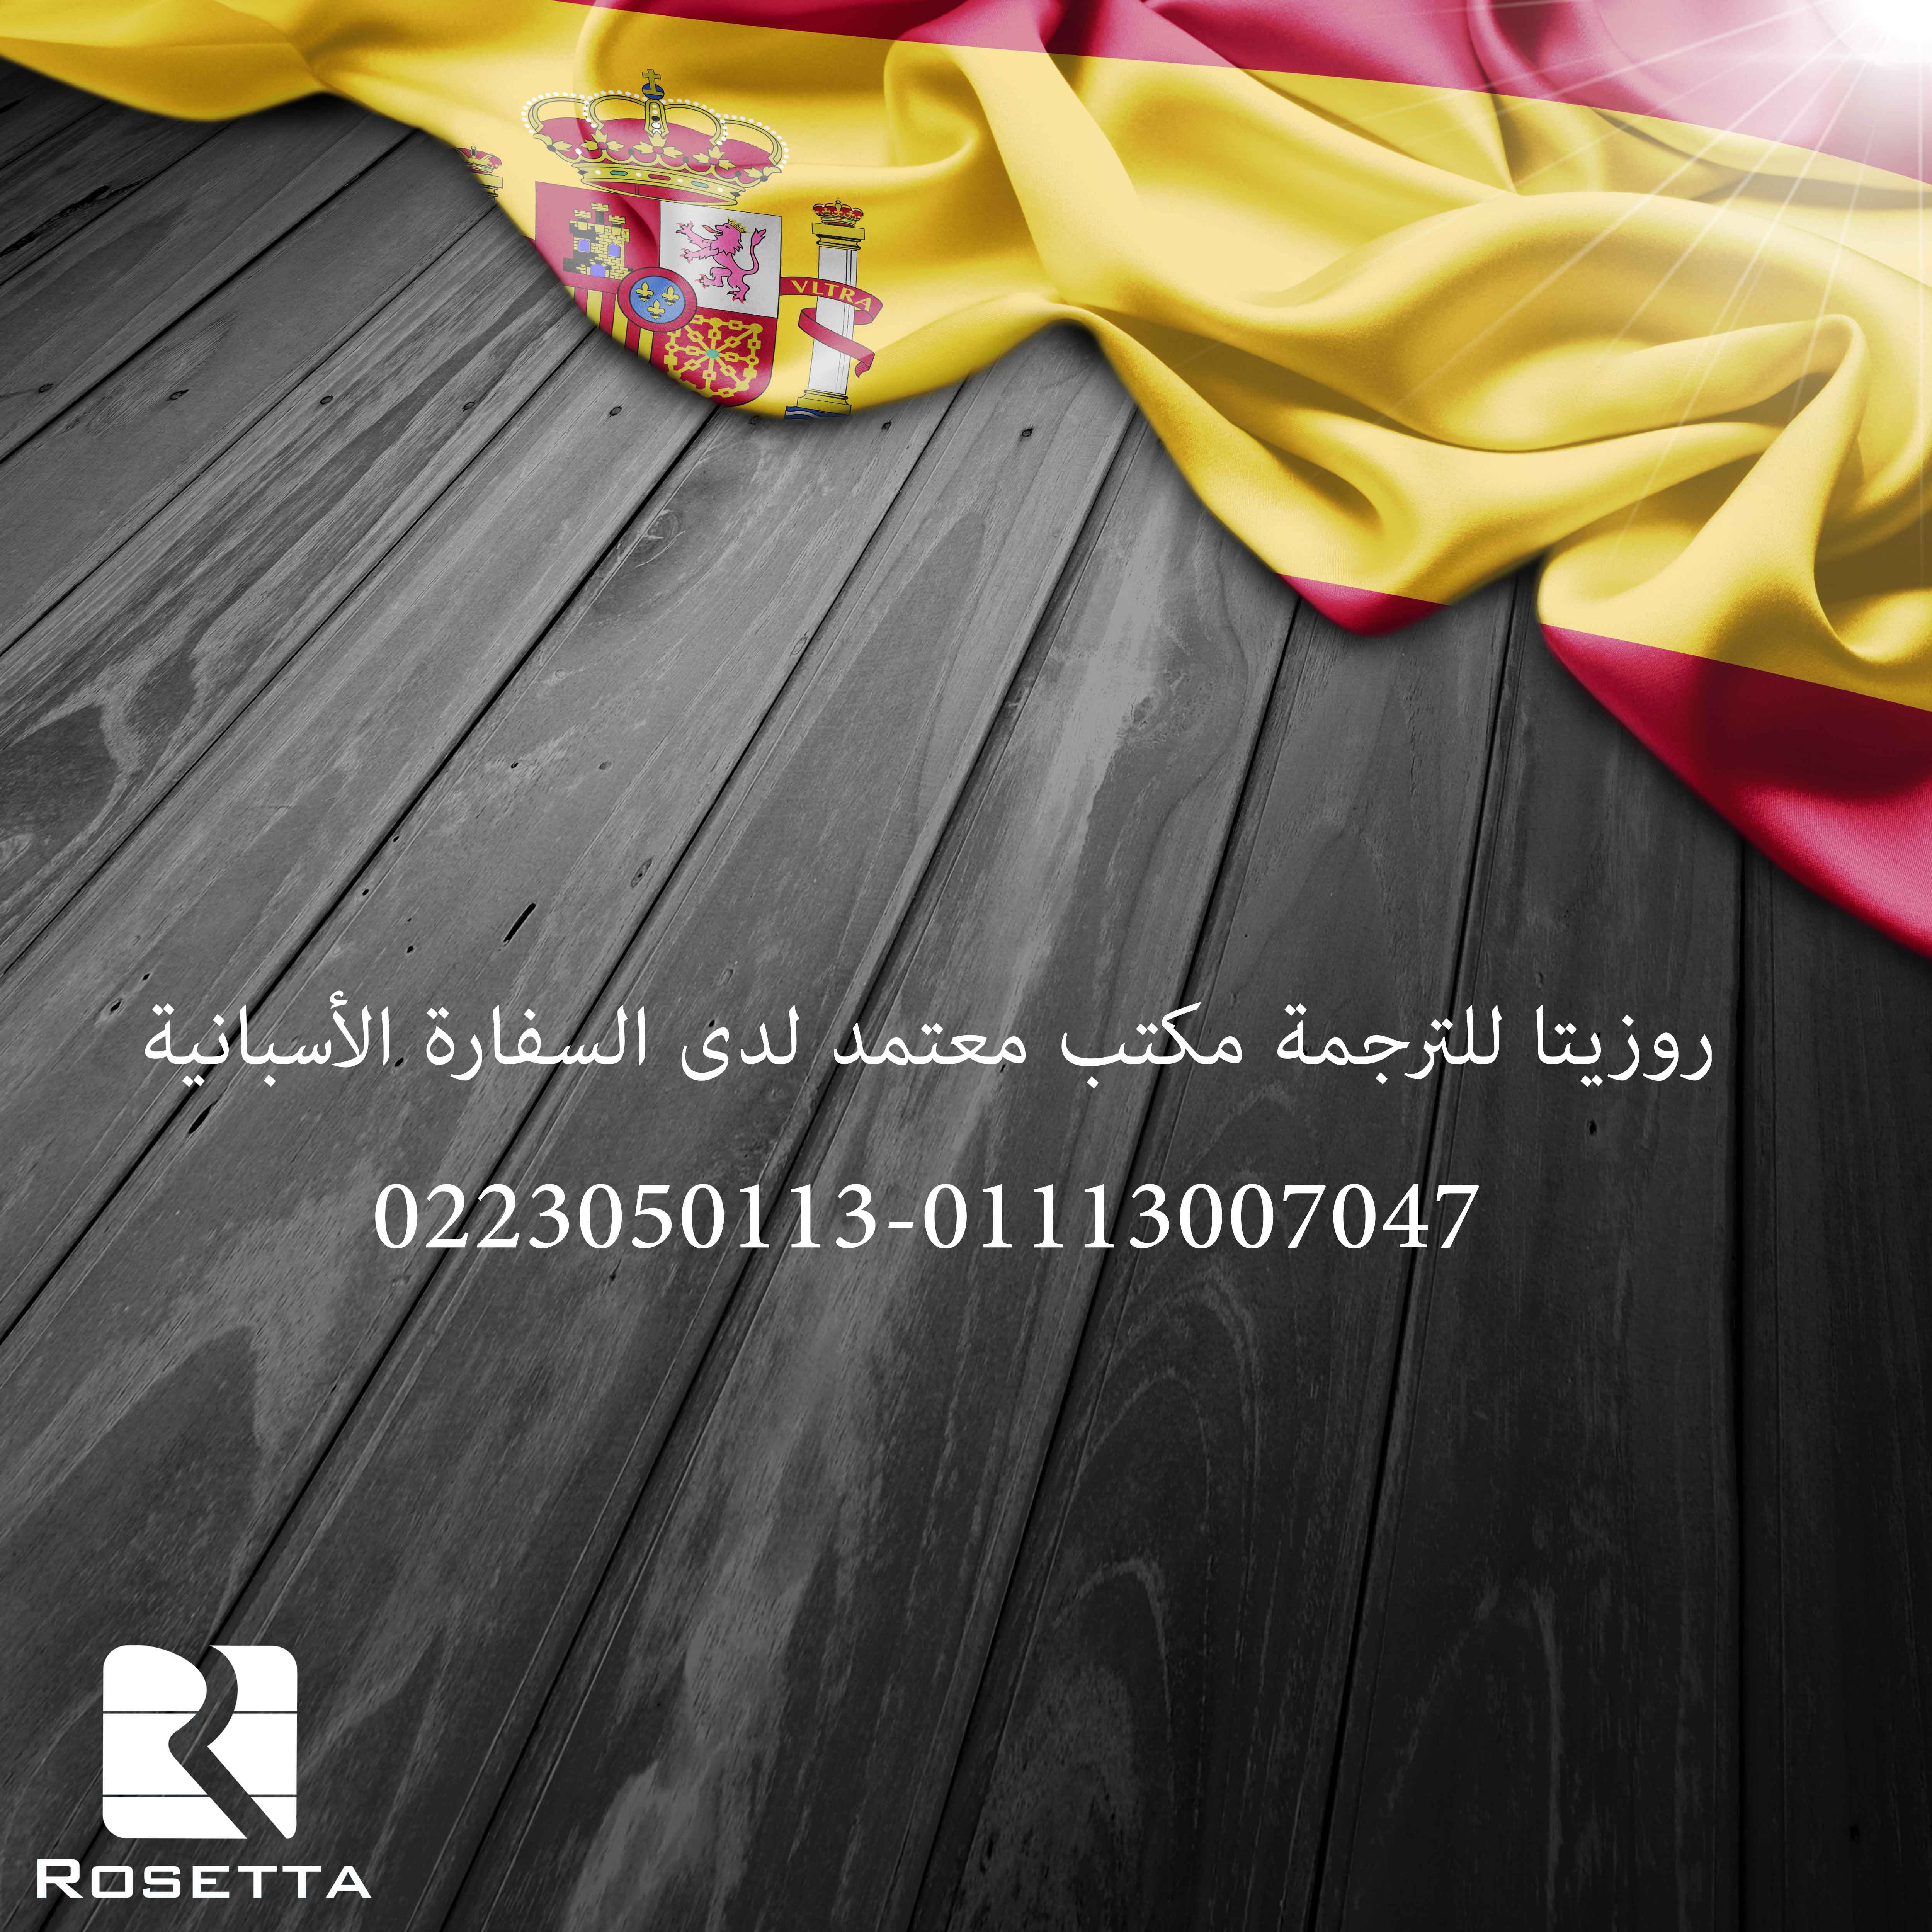 مترجم معتمد من السفارة الاسبانية